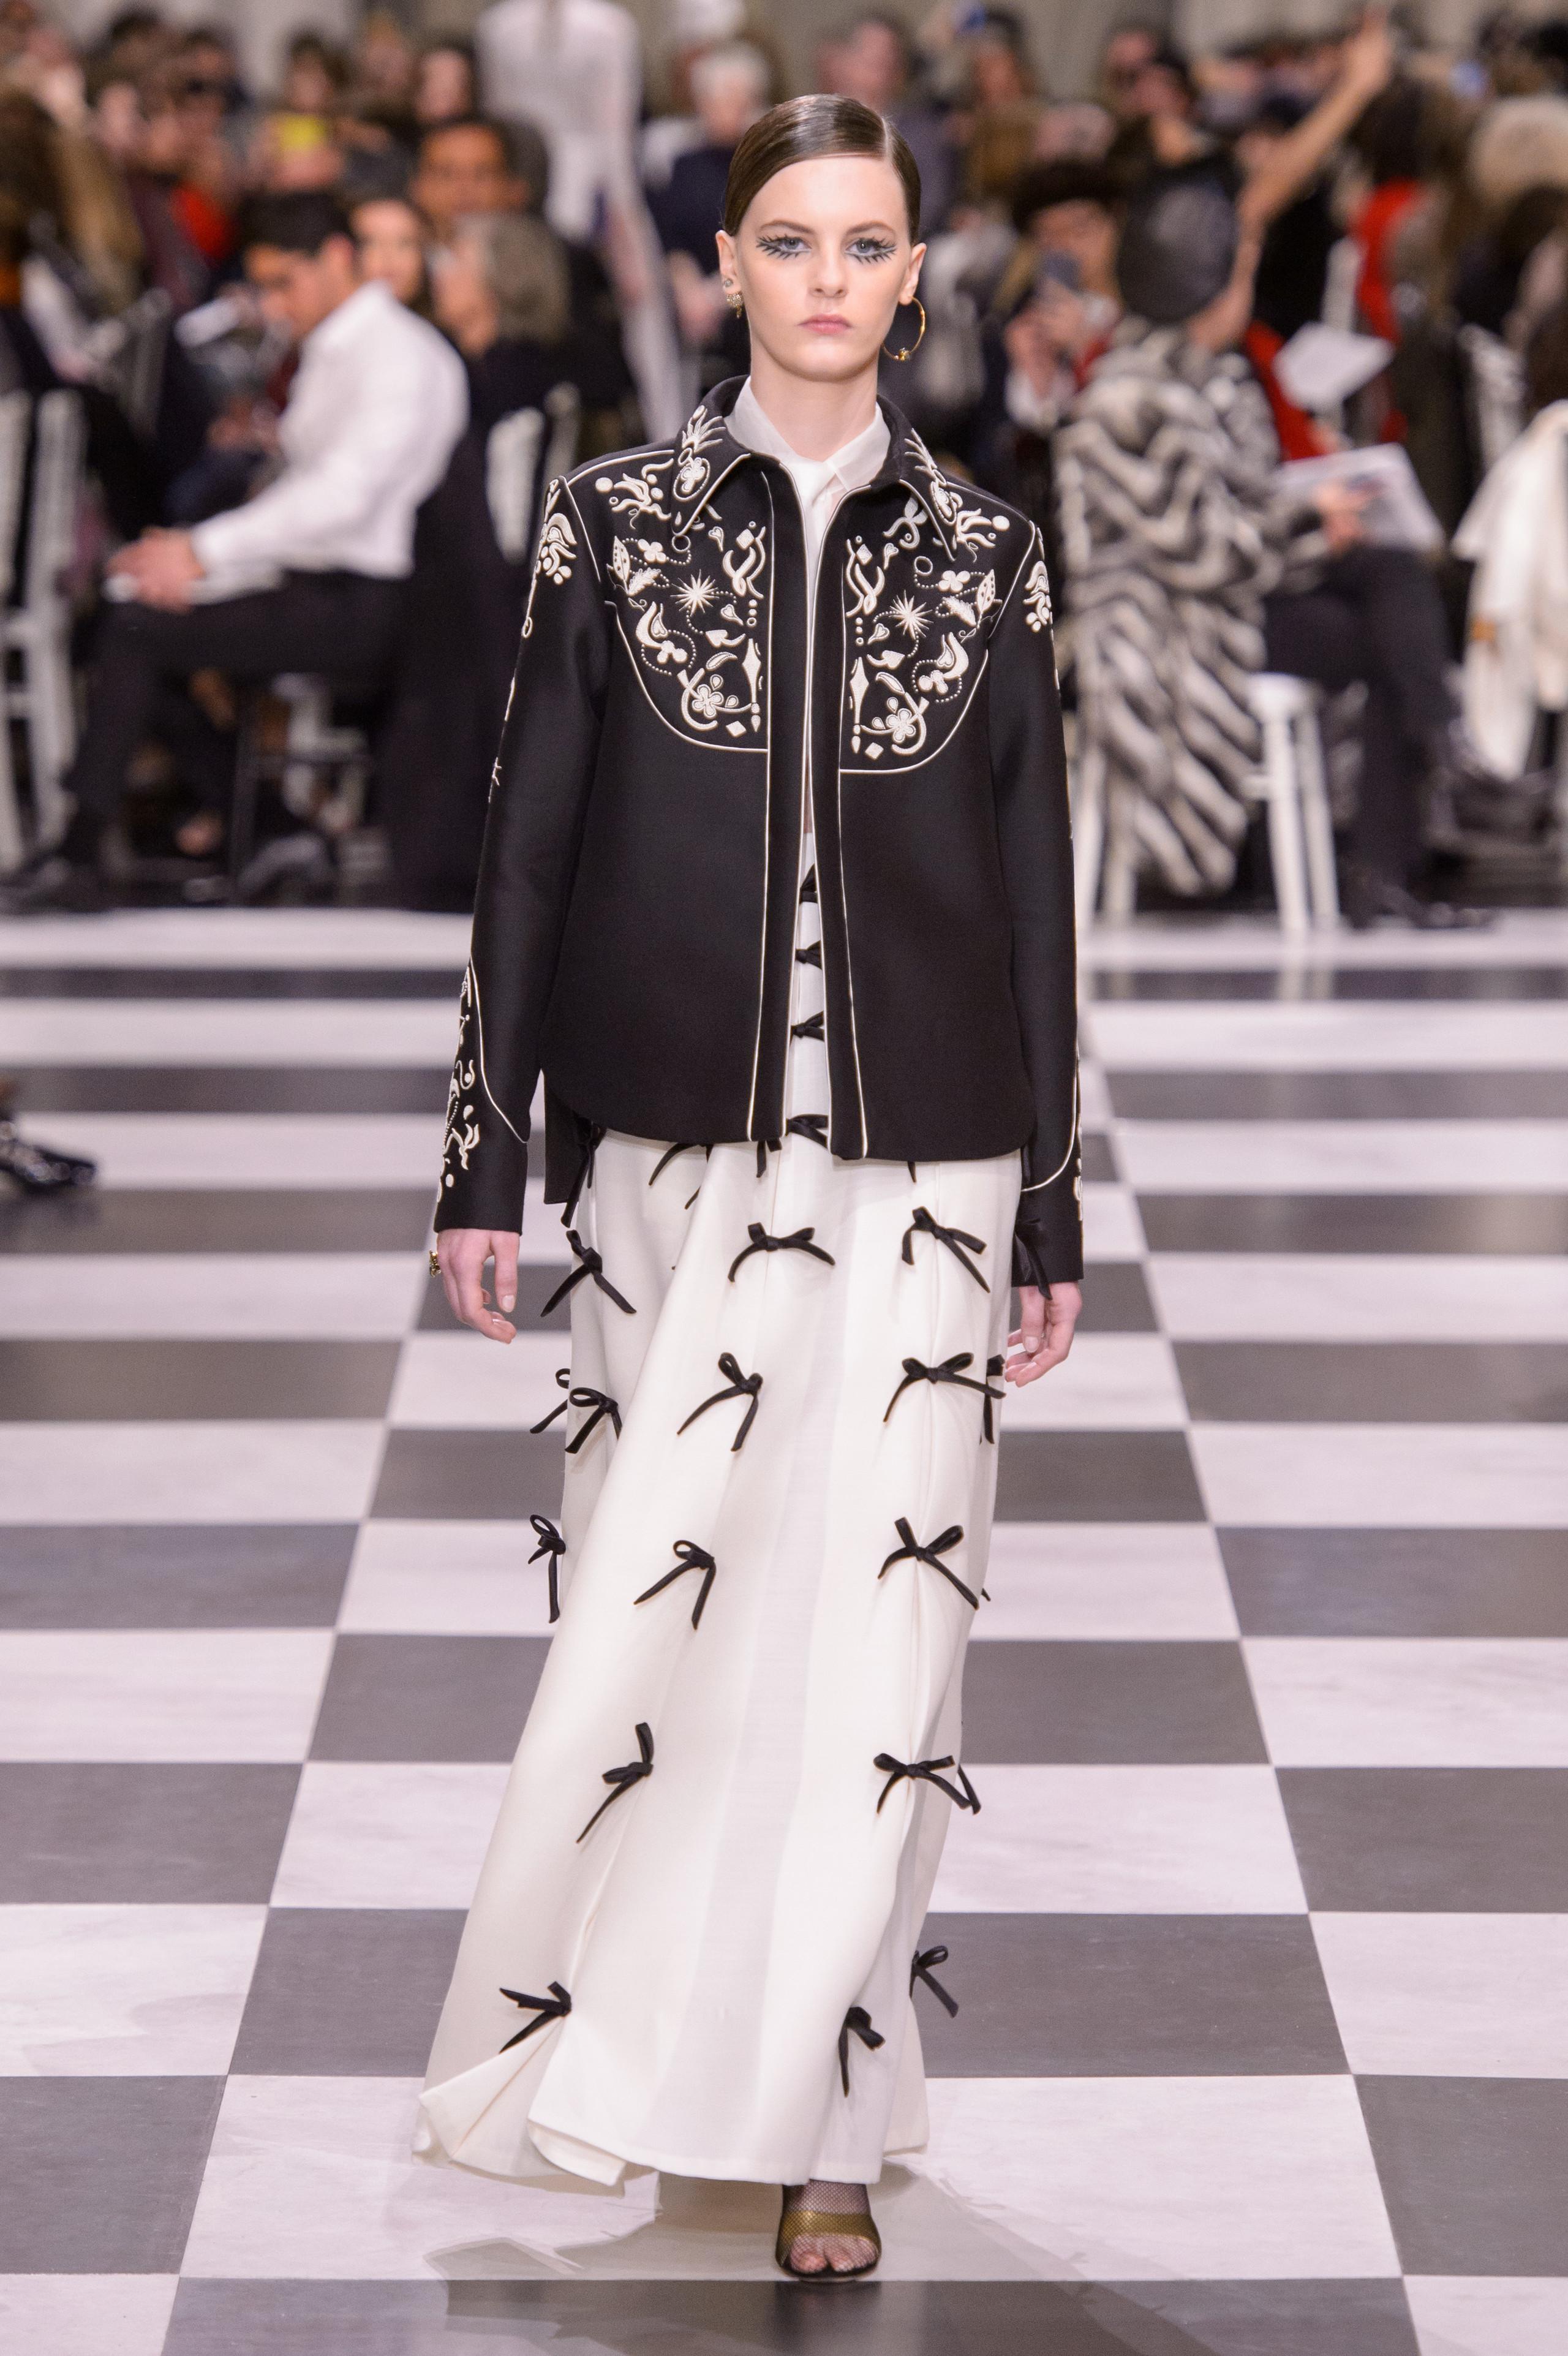 Foto de Dior Alta Costura: Maria Grazia Chiuri y su mágico desfile en blanco y negro Primavera-Verano 2018 (62/74)